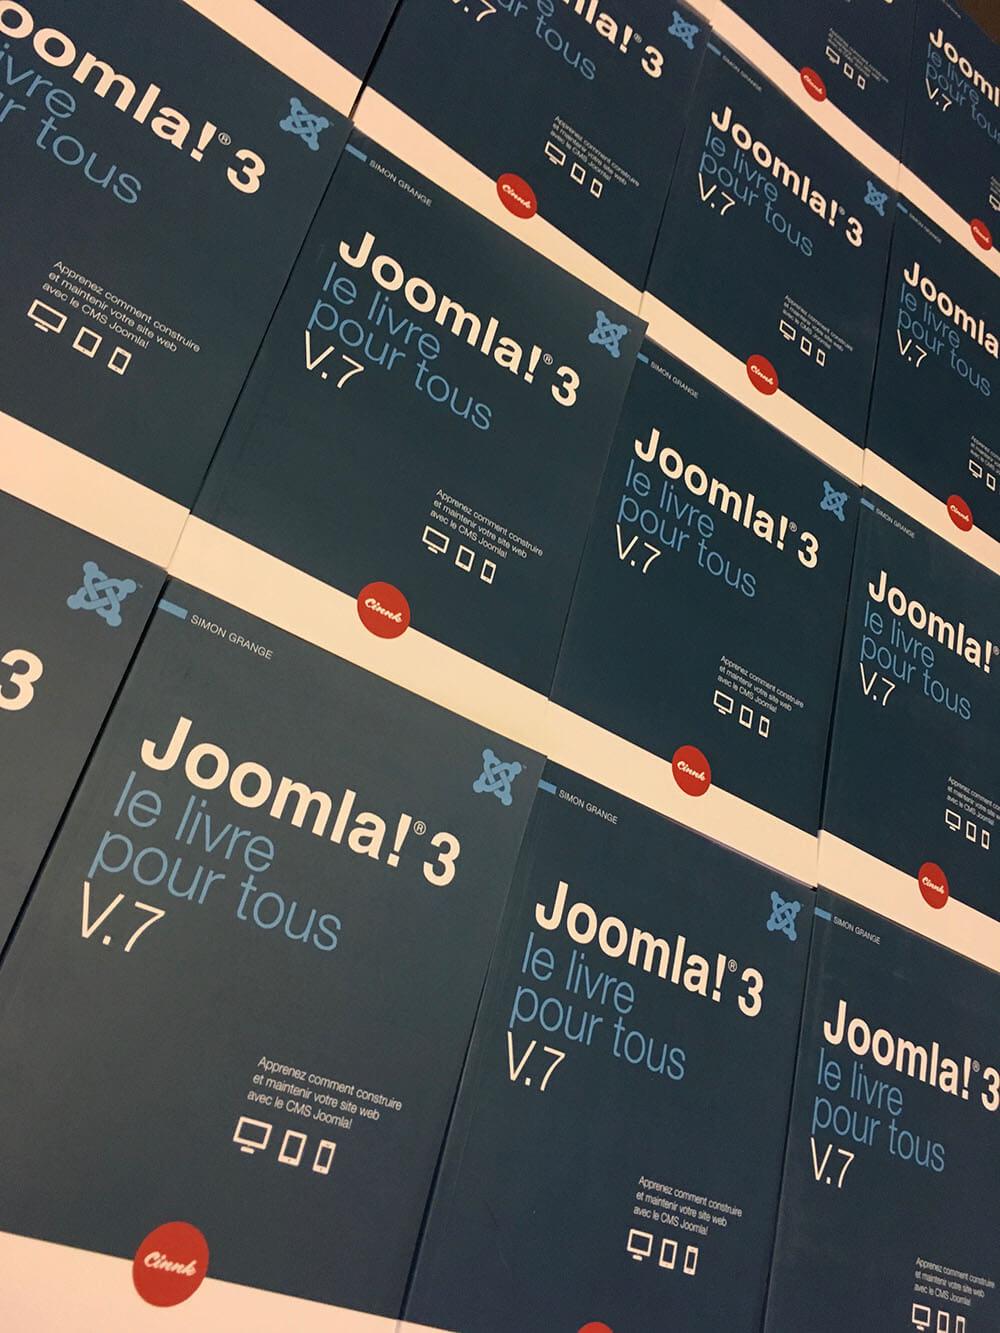 livre-joomla-pour-tous-v7